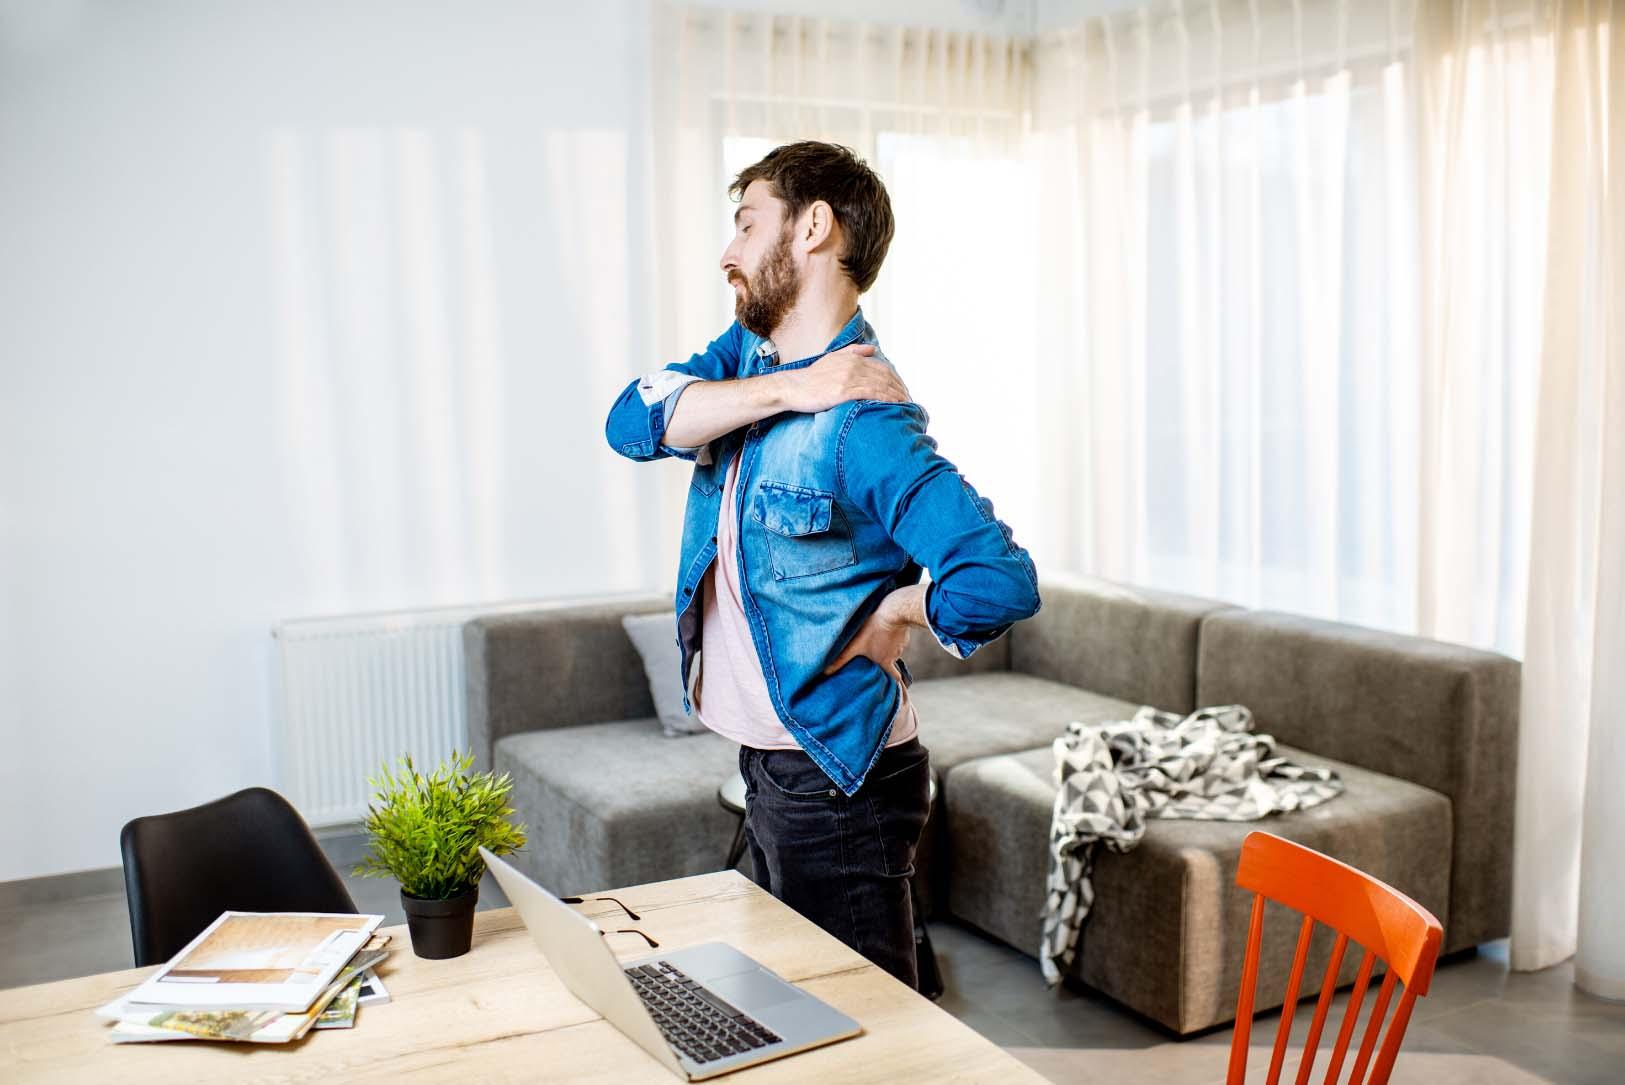 Cómo mantener una postura correcta y evitar el dolor de espalda al trabajar en casa